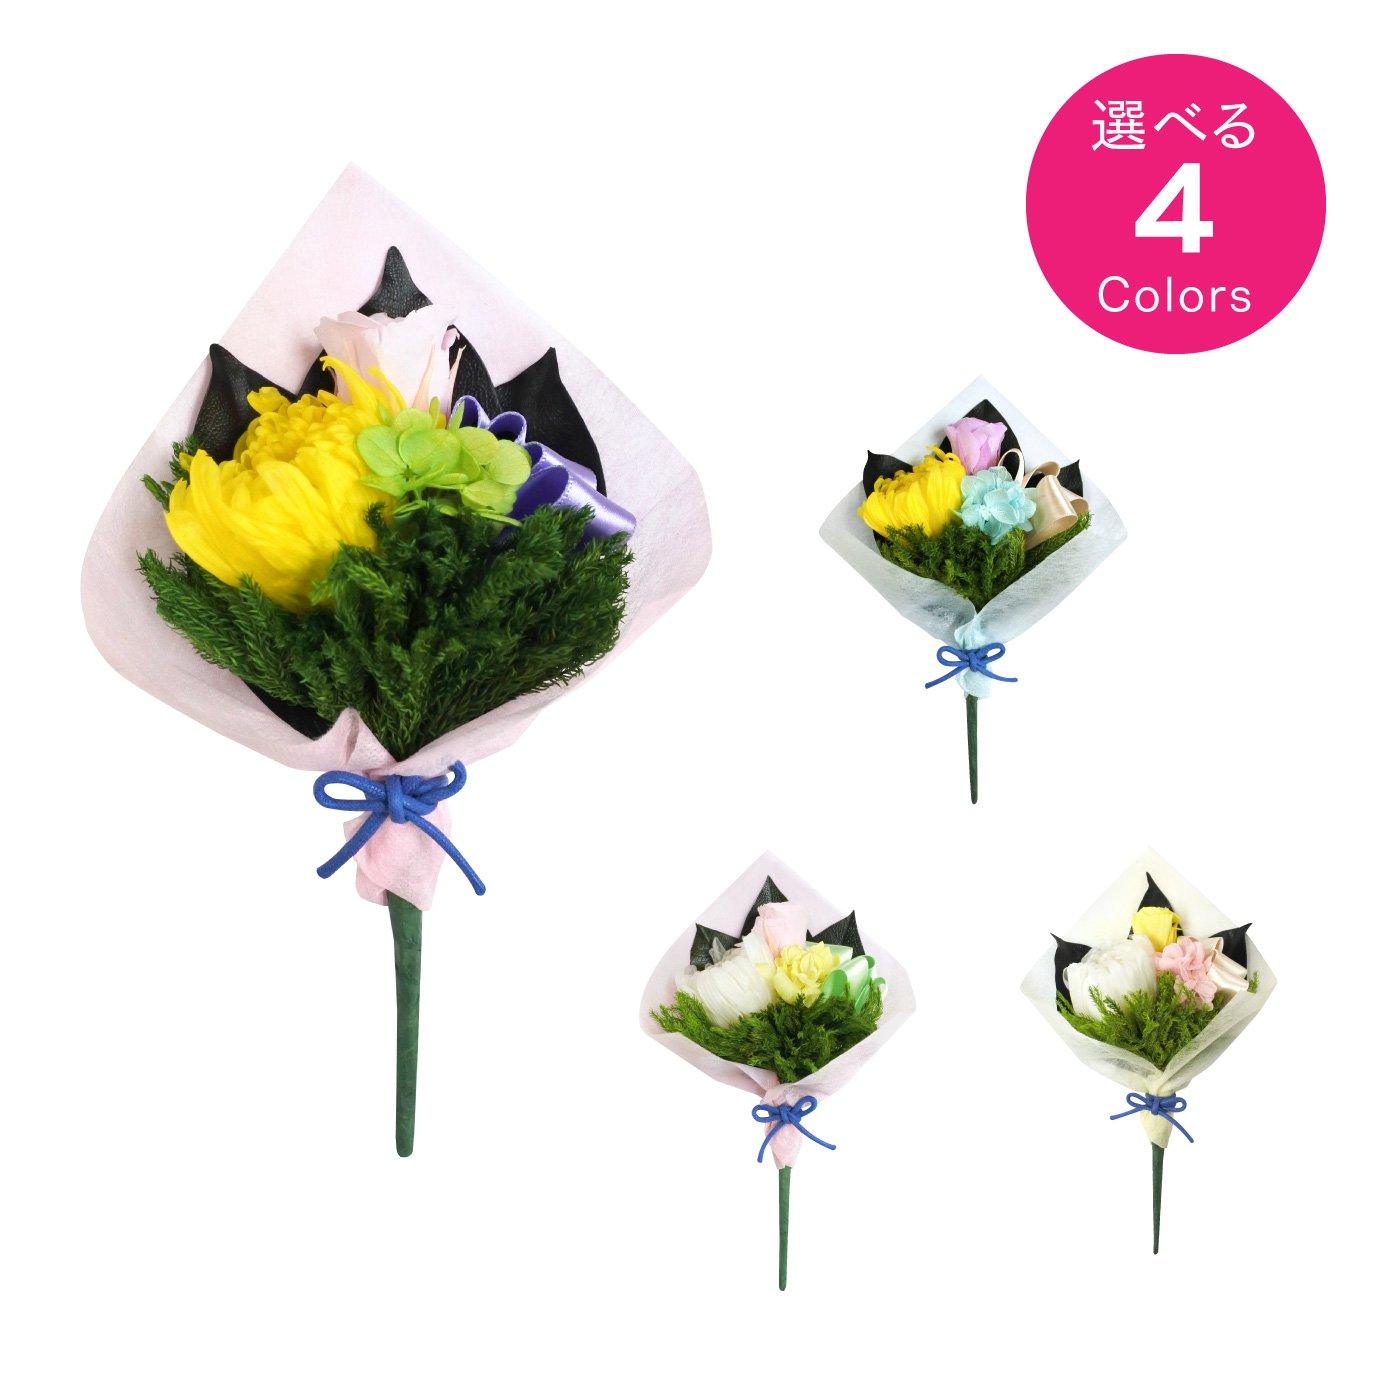 お仏壇に色華やかなお供え プリザーブド仏花 ほのか 大菊